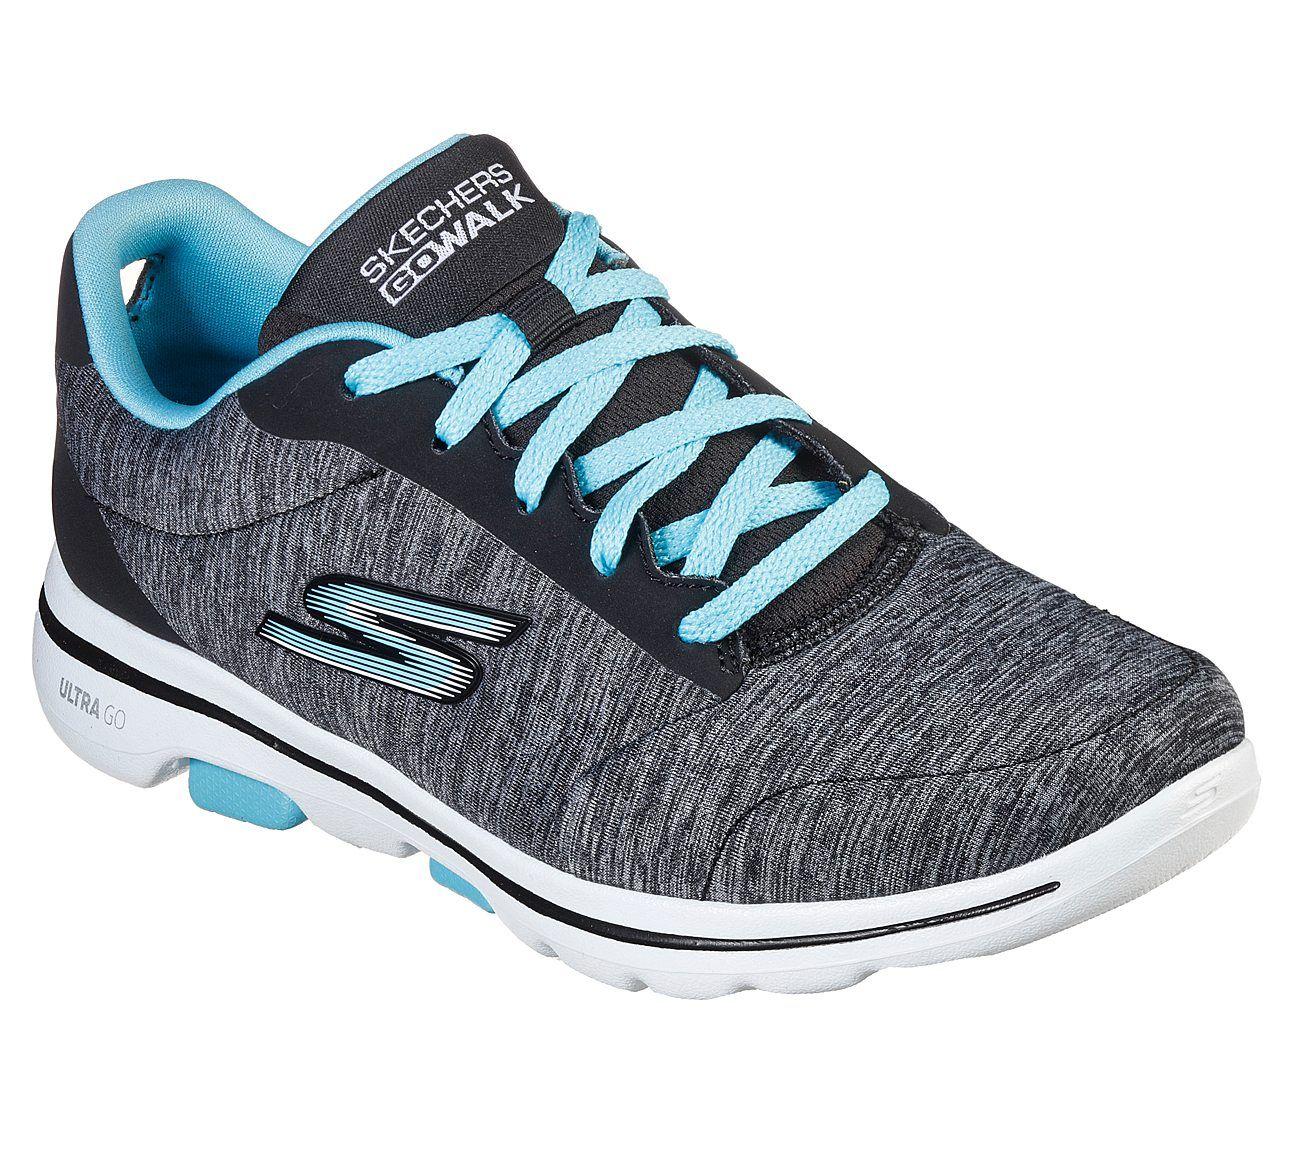 Gowalk 5 True In 2020 Skechers Sneakers Sketchers Shoes Women